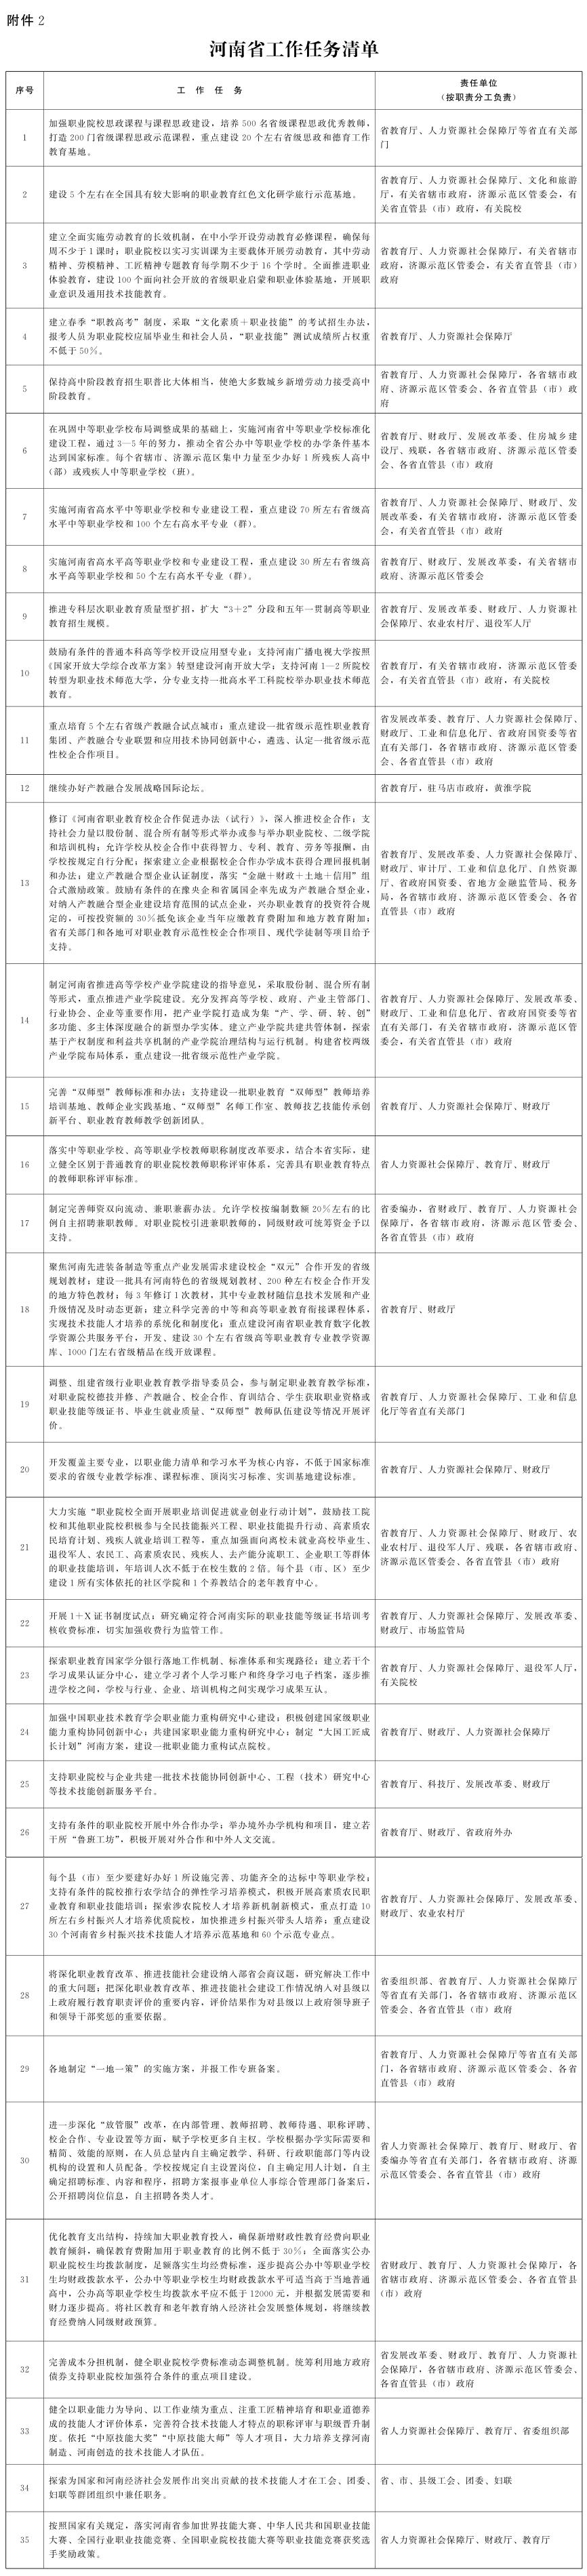 教育部河南省人民政府關于深化職業教育改革推進技能社會建設的意見